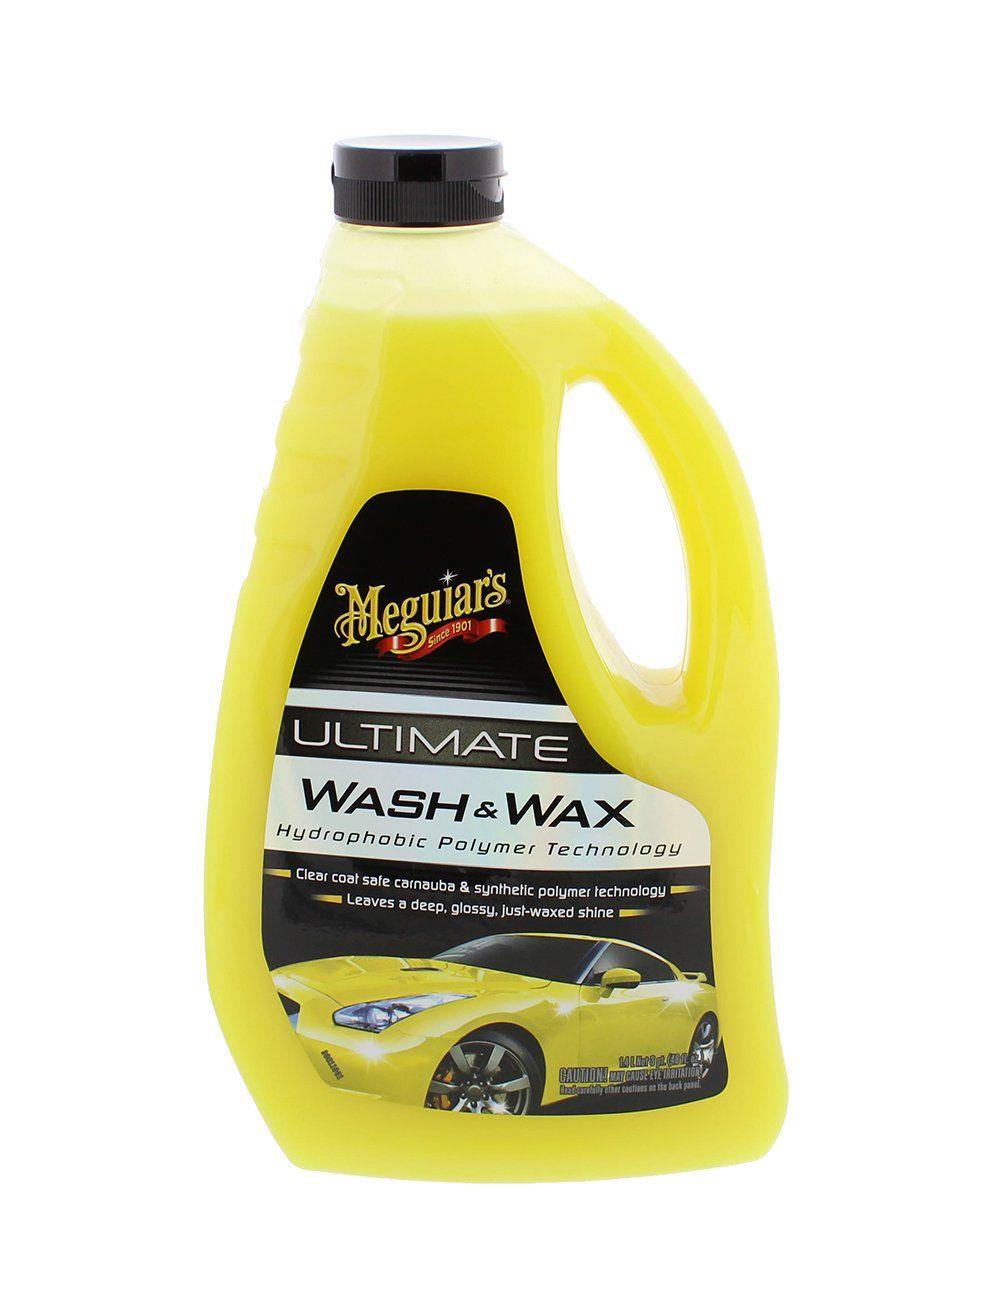 Meguiars G17748 Ultimate Wash and Wax 48 oz. Wax, Car